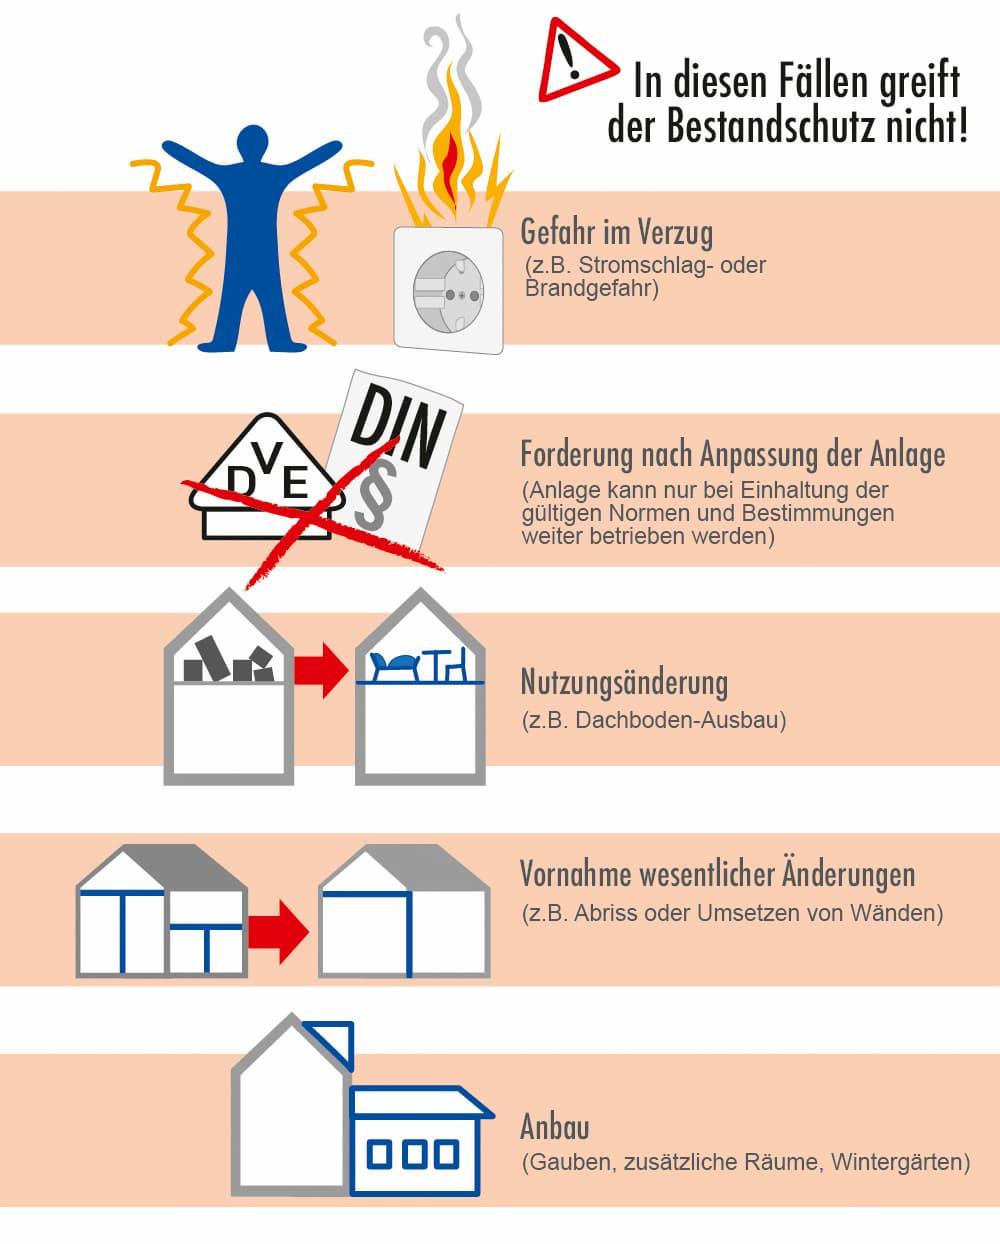 Elektroinstallation: Bei diesen Fällen gibt es keinen Bestandsschutz